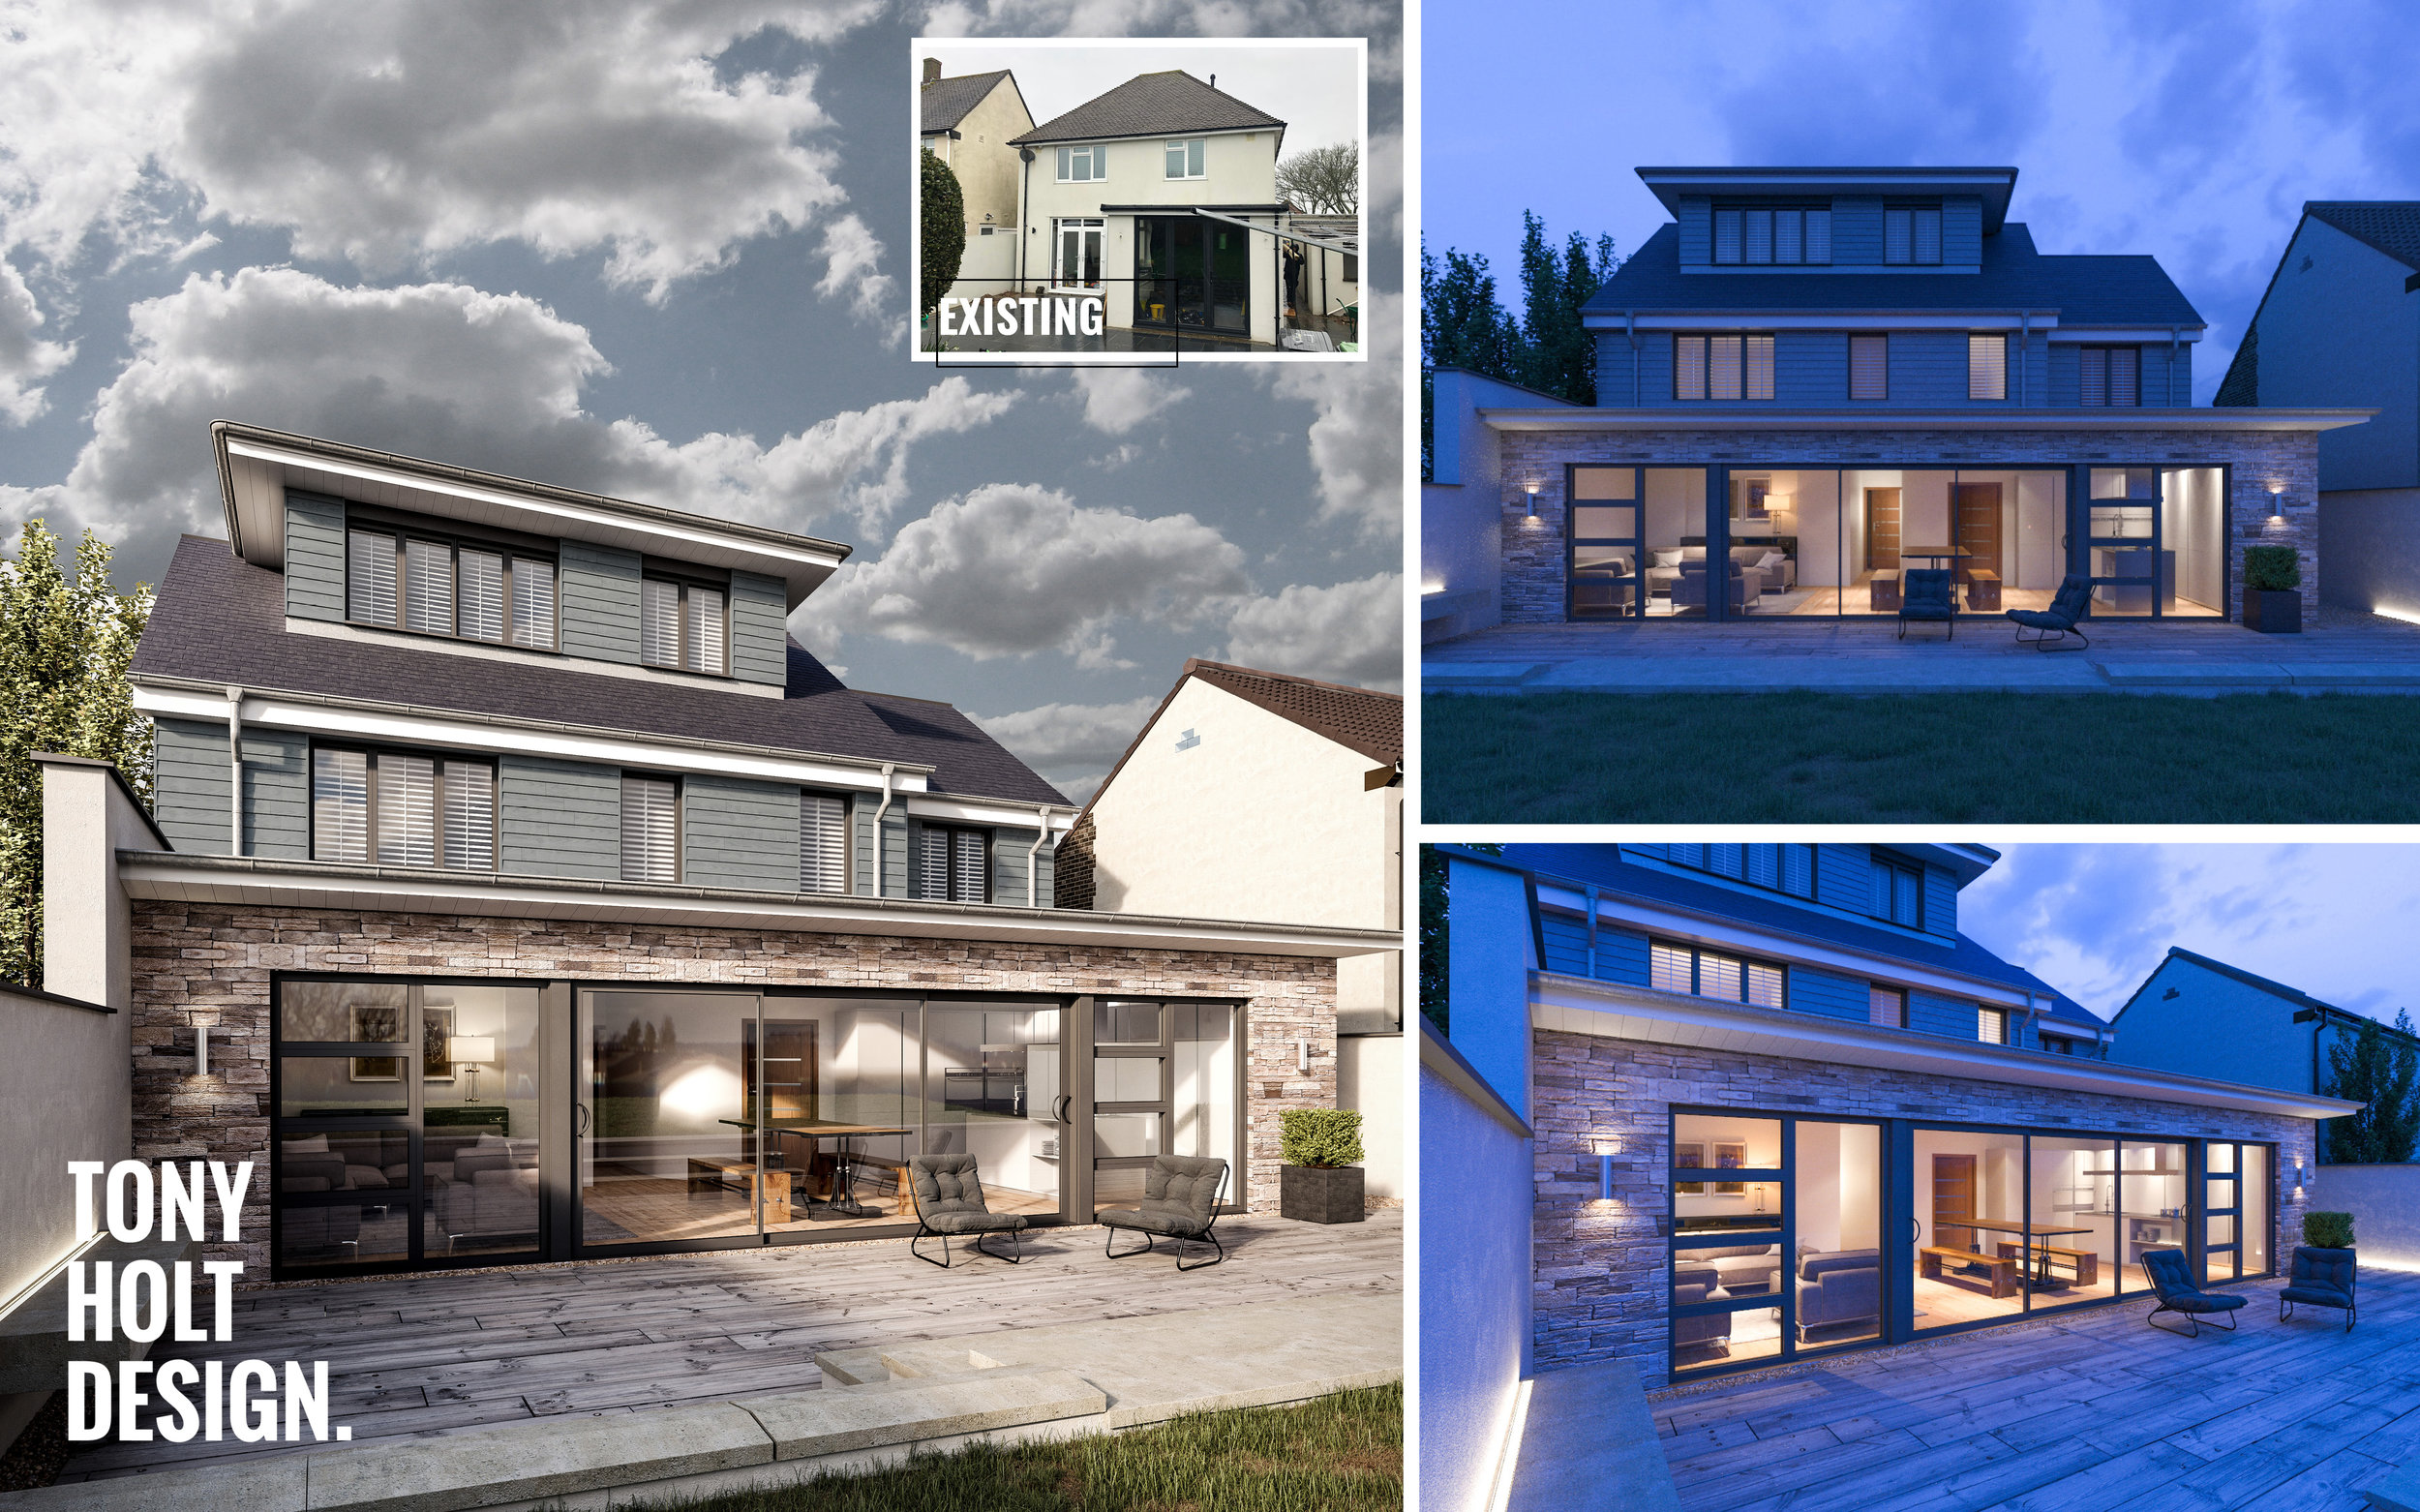 Tony Holt Design_Self Build_Broadway_Remodel_Collage_Blog.jpeg